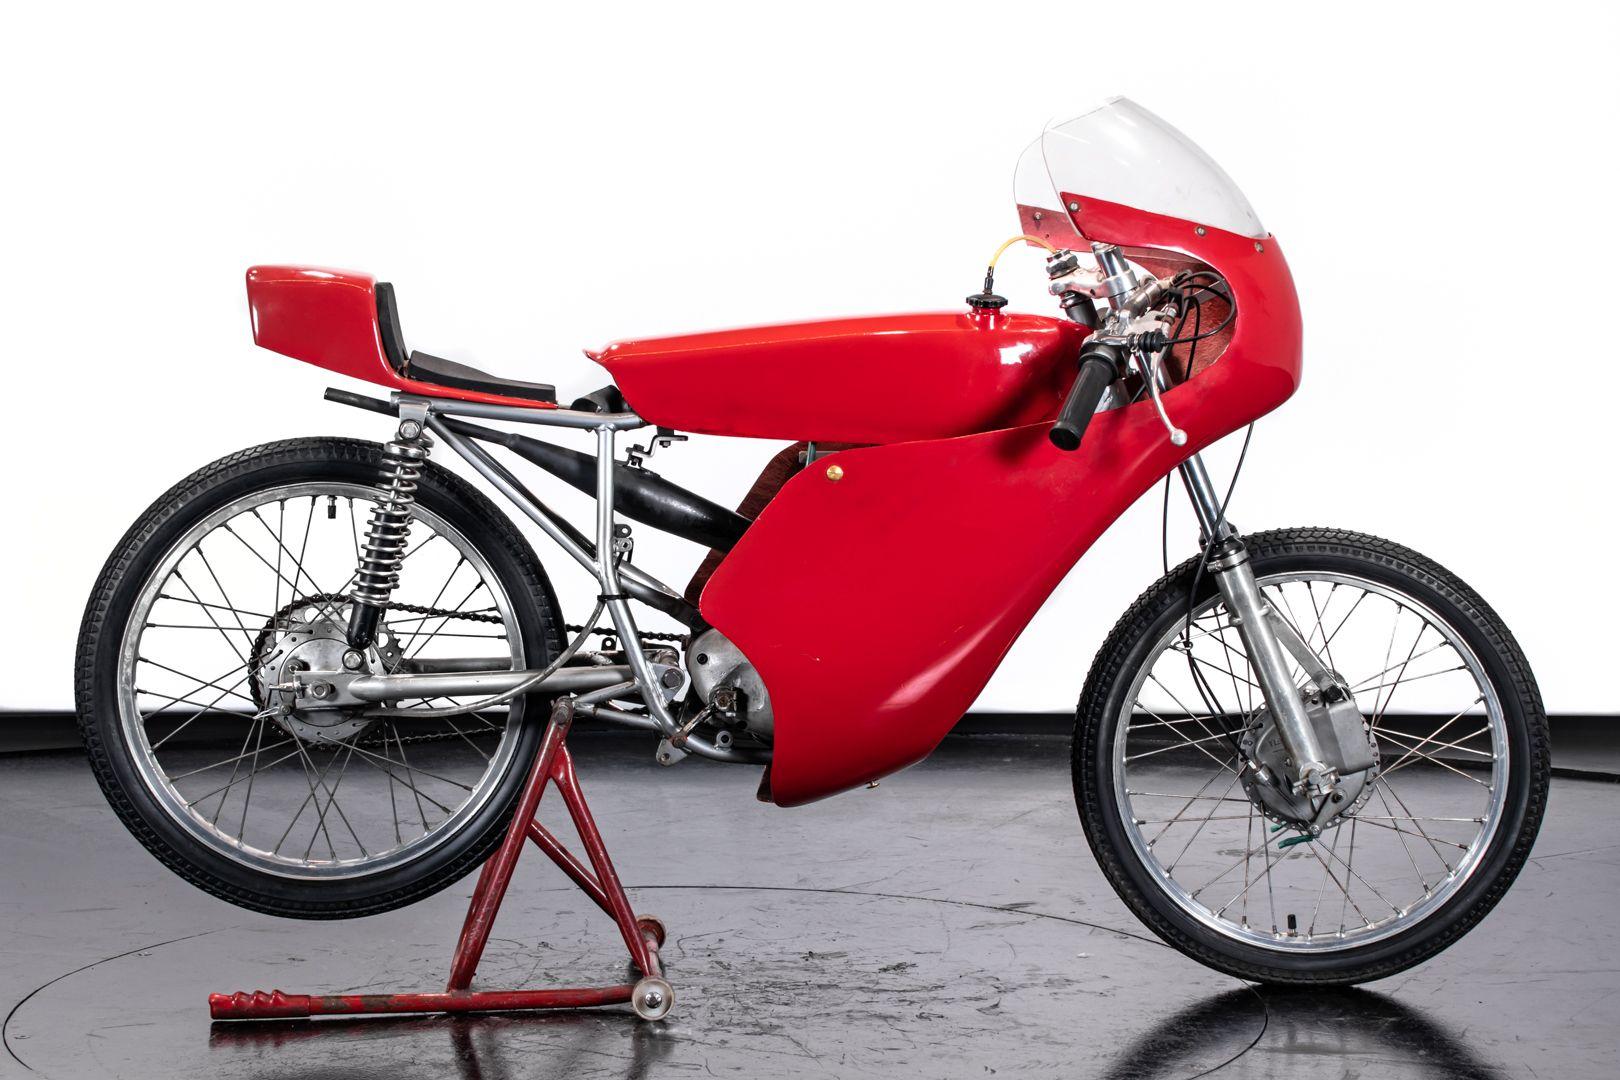 1969 Guazzoni Matta 50 71849